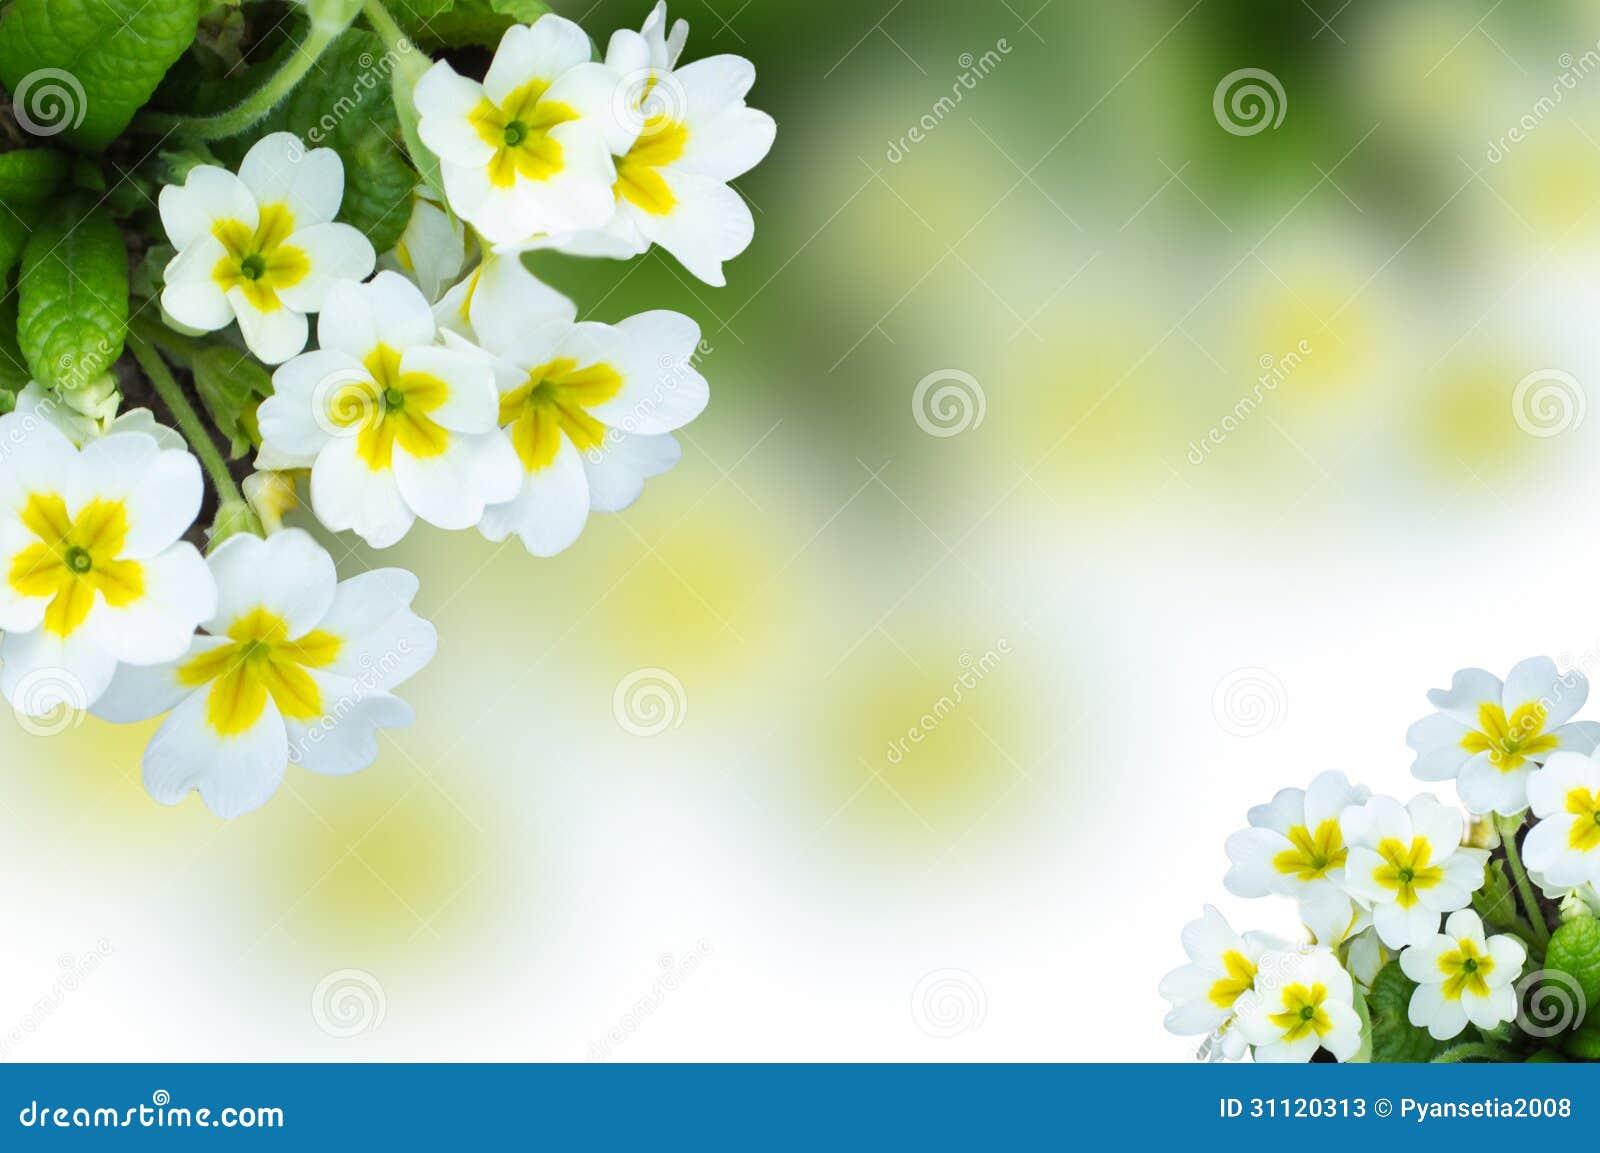 Peque as flores blancas de la primavera de bush stock de - Plantas de temporada primavera ...